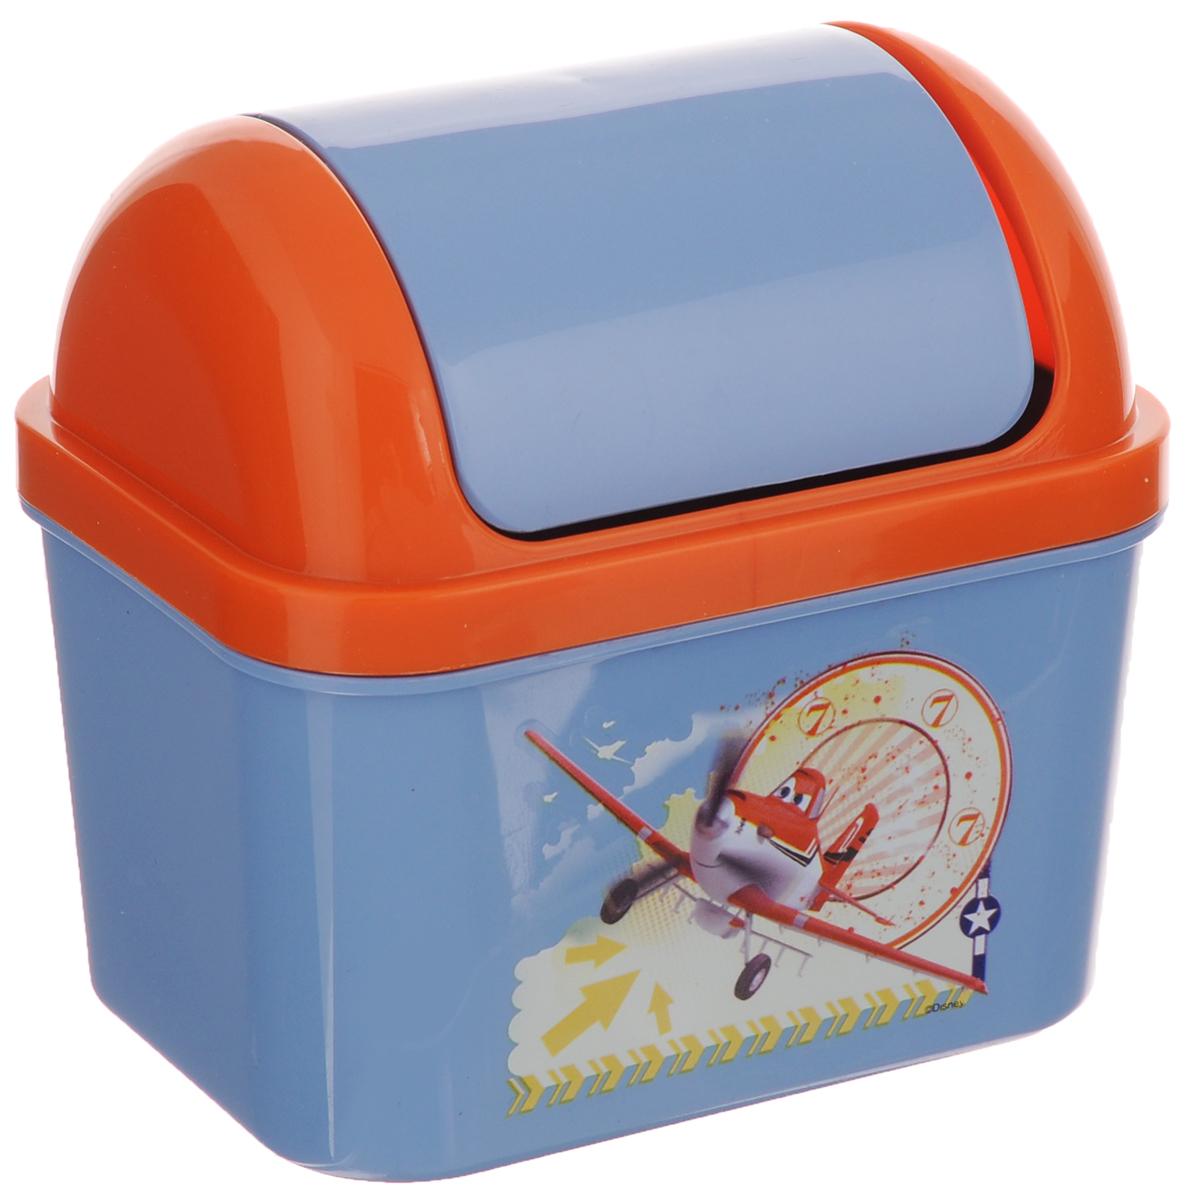 Контейнер для мусора Полимербыт Тачки-самолеты, 500 мл391602Детский контейнер для мусора Полимербыт Тачки-самолеты выполнен из высококачественного пластика и украшен изображением героя мультфильма. Изделие оснащено плавающей крышкой. Такой контейнер подойдет для выбрасывания небольших отходов, таких как бумага, стружка карандаша, фантики.Размер контейнера (с учетом крышки): 11,5 х 8 х 15 см.Размер контейнера (без учета крышки): 11,5 х 8 х 11 см.